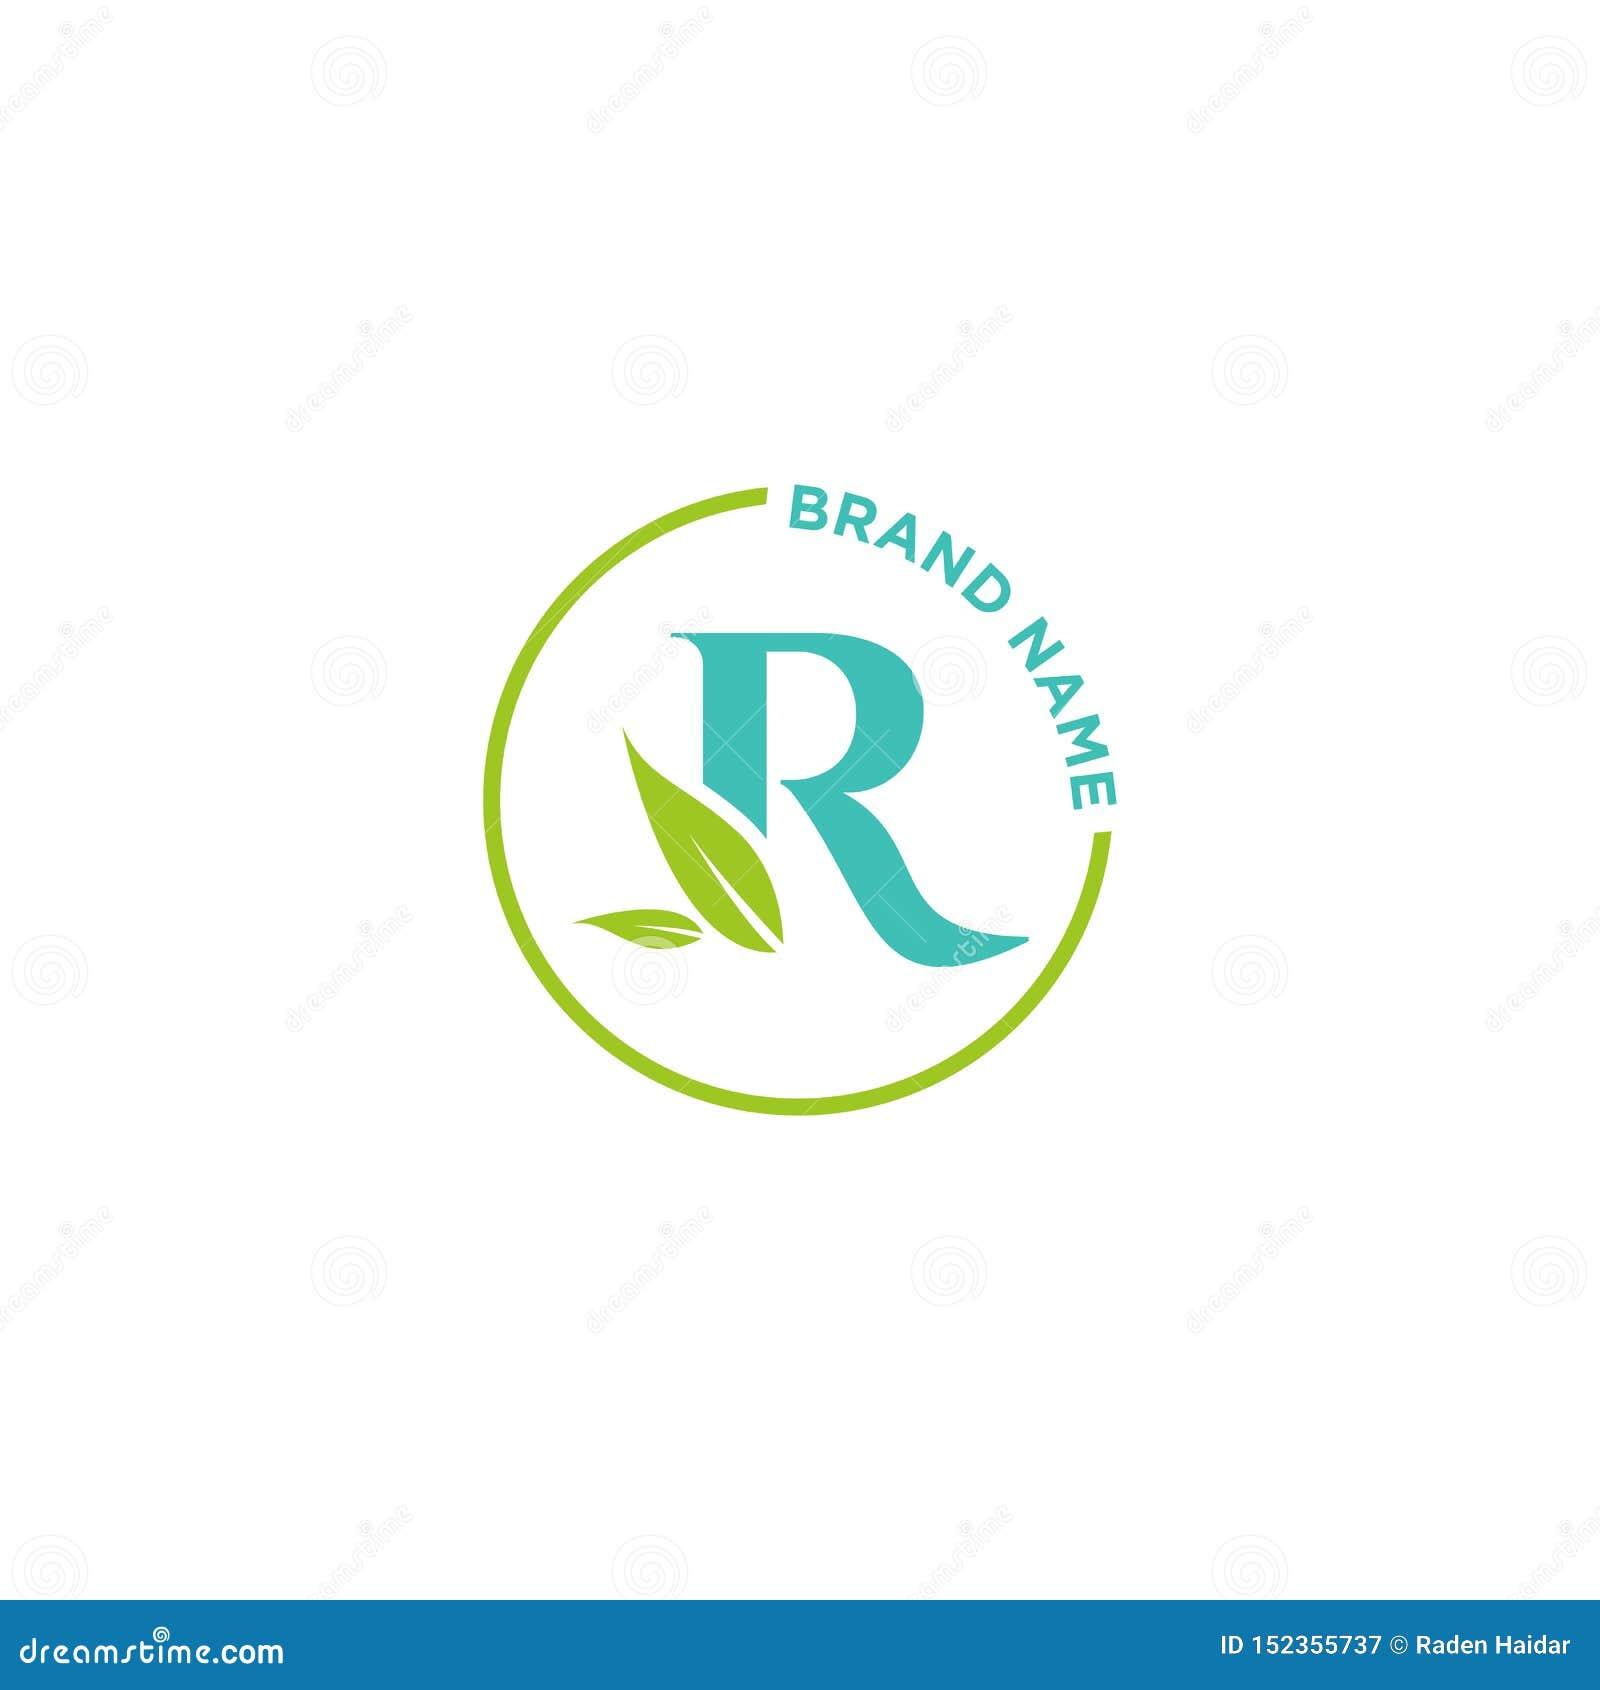 Λογότυπο ή αρχικά επιστολών Ρ για την επιχείρηση